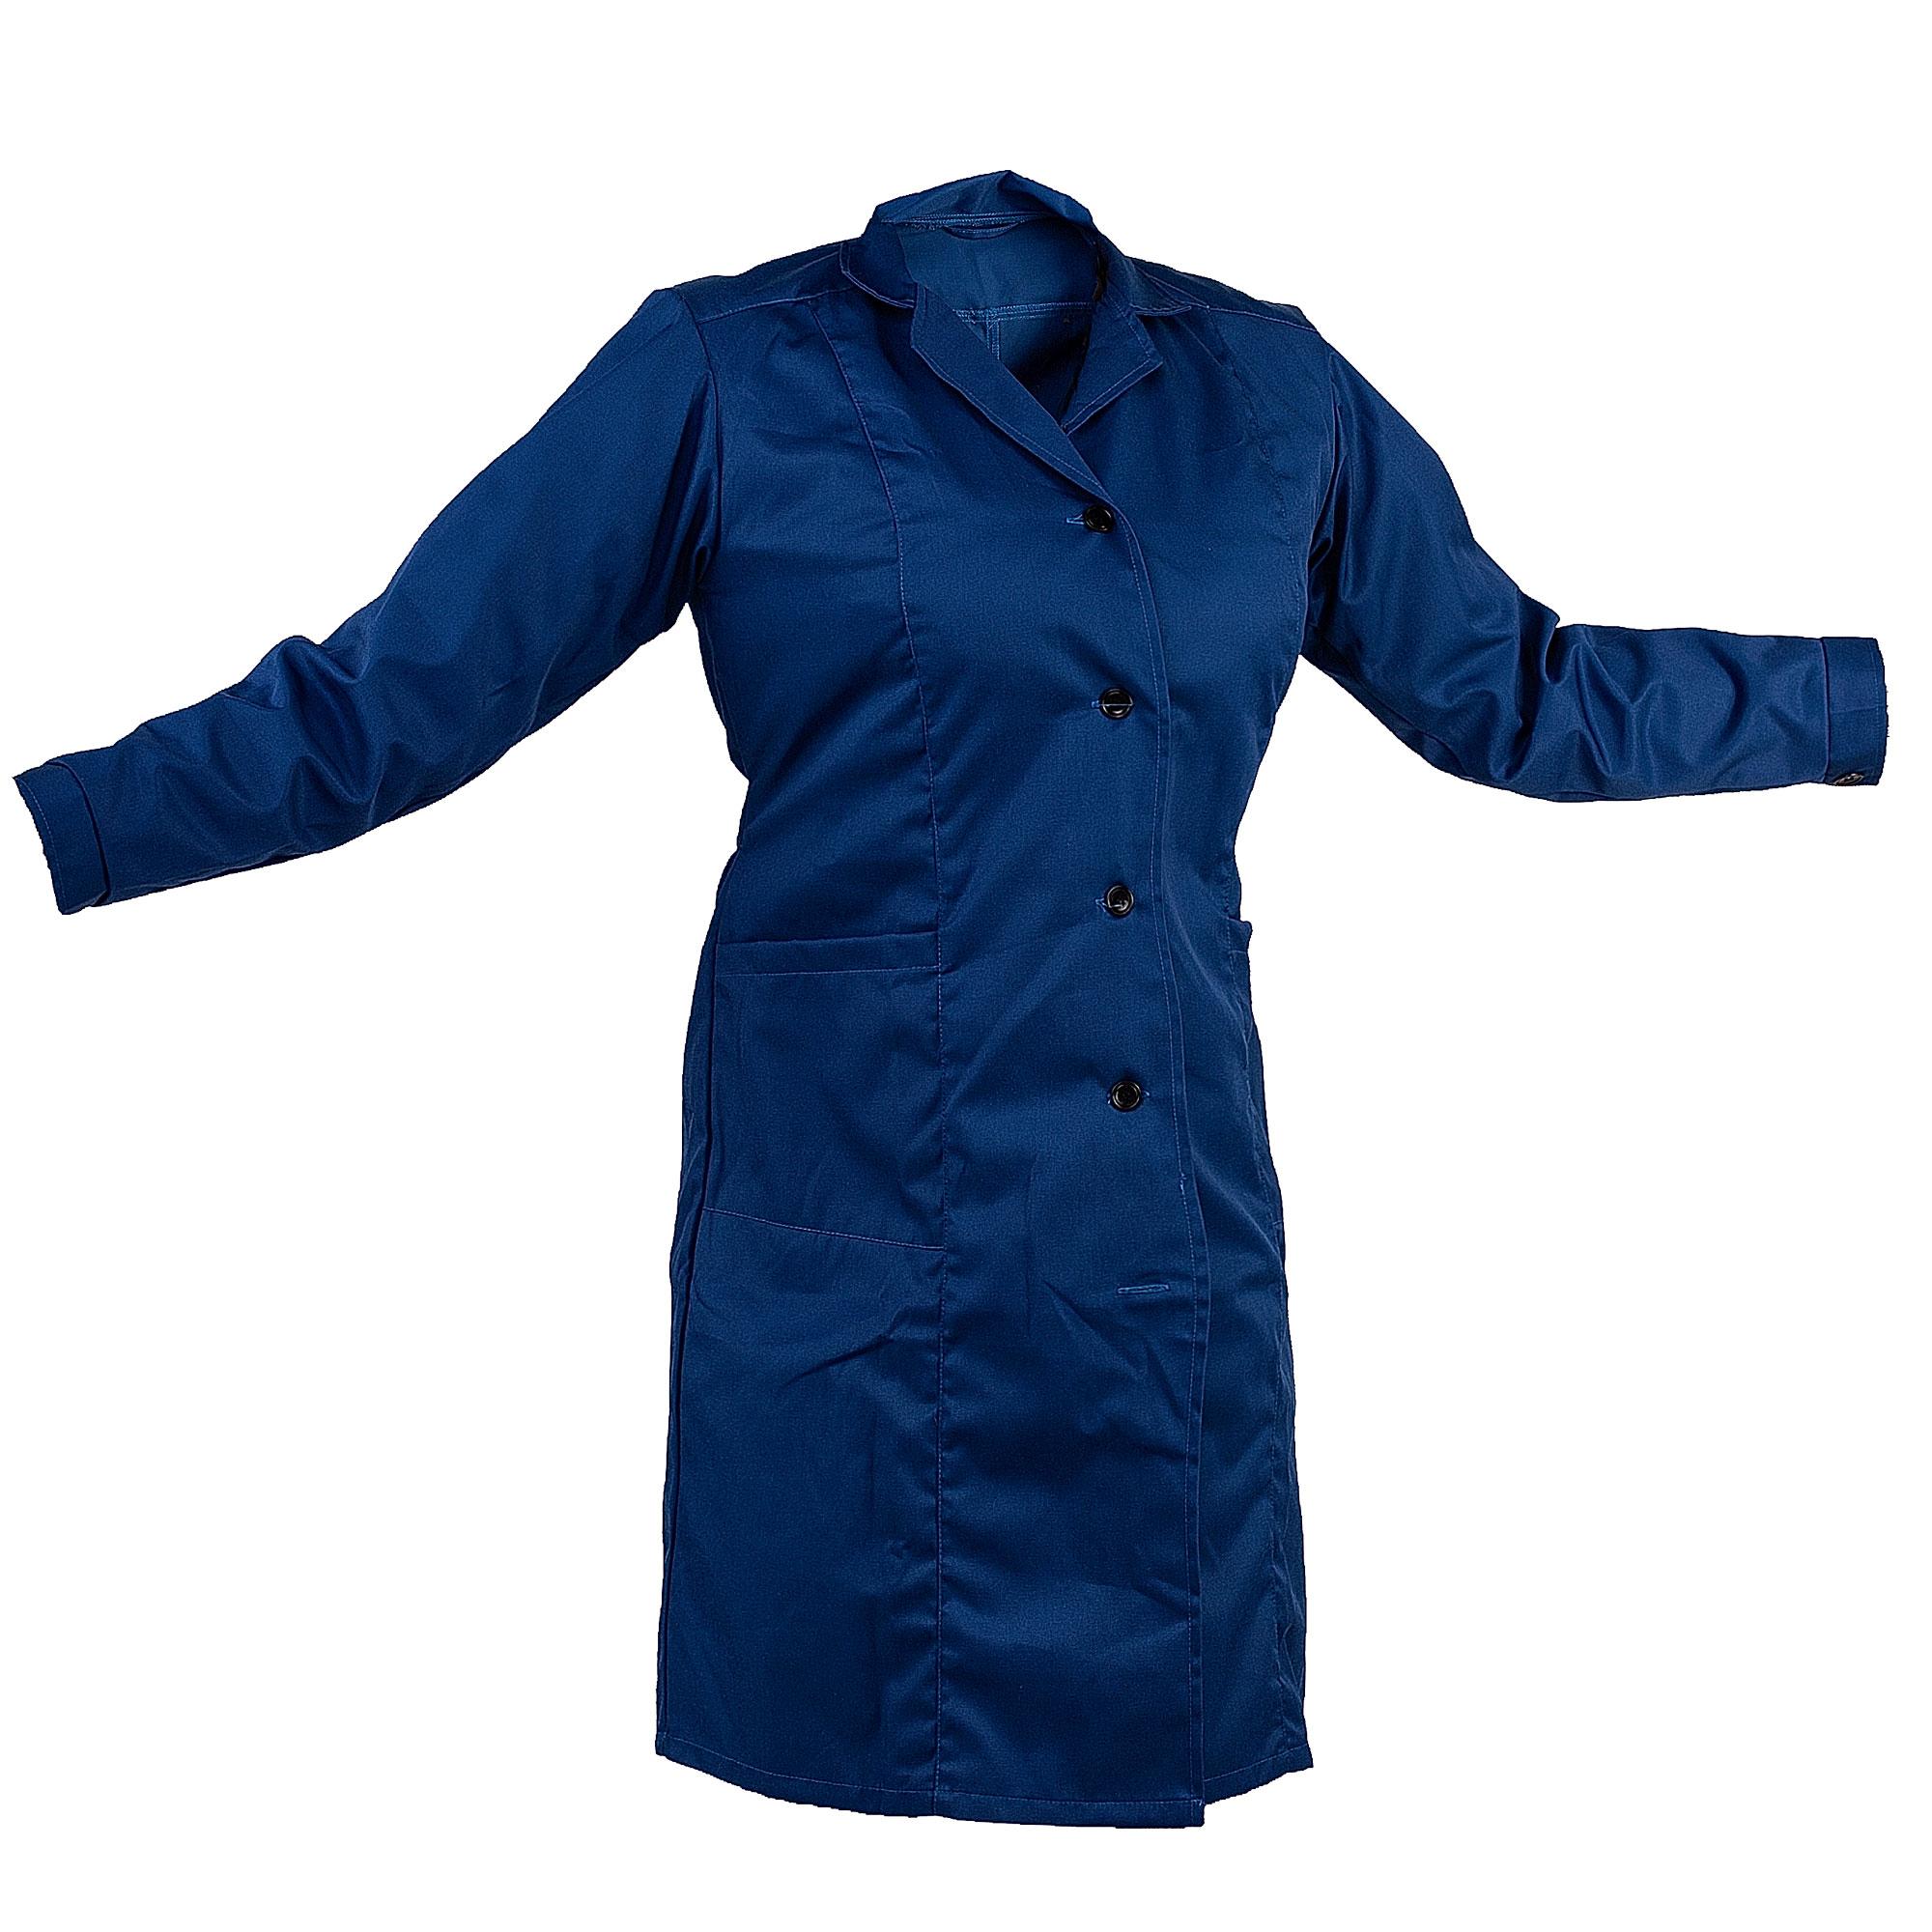 картинка Халат рабочий женский от магазина Одежда+